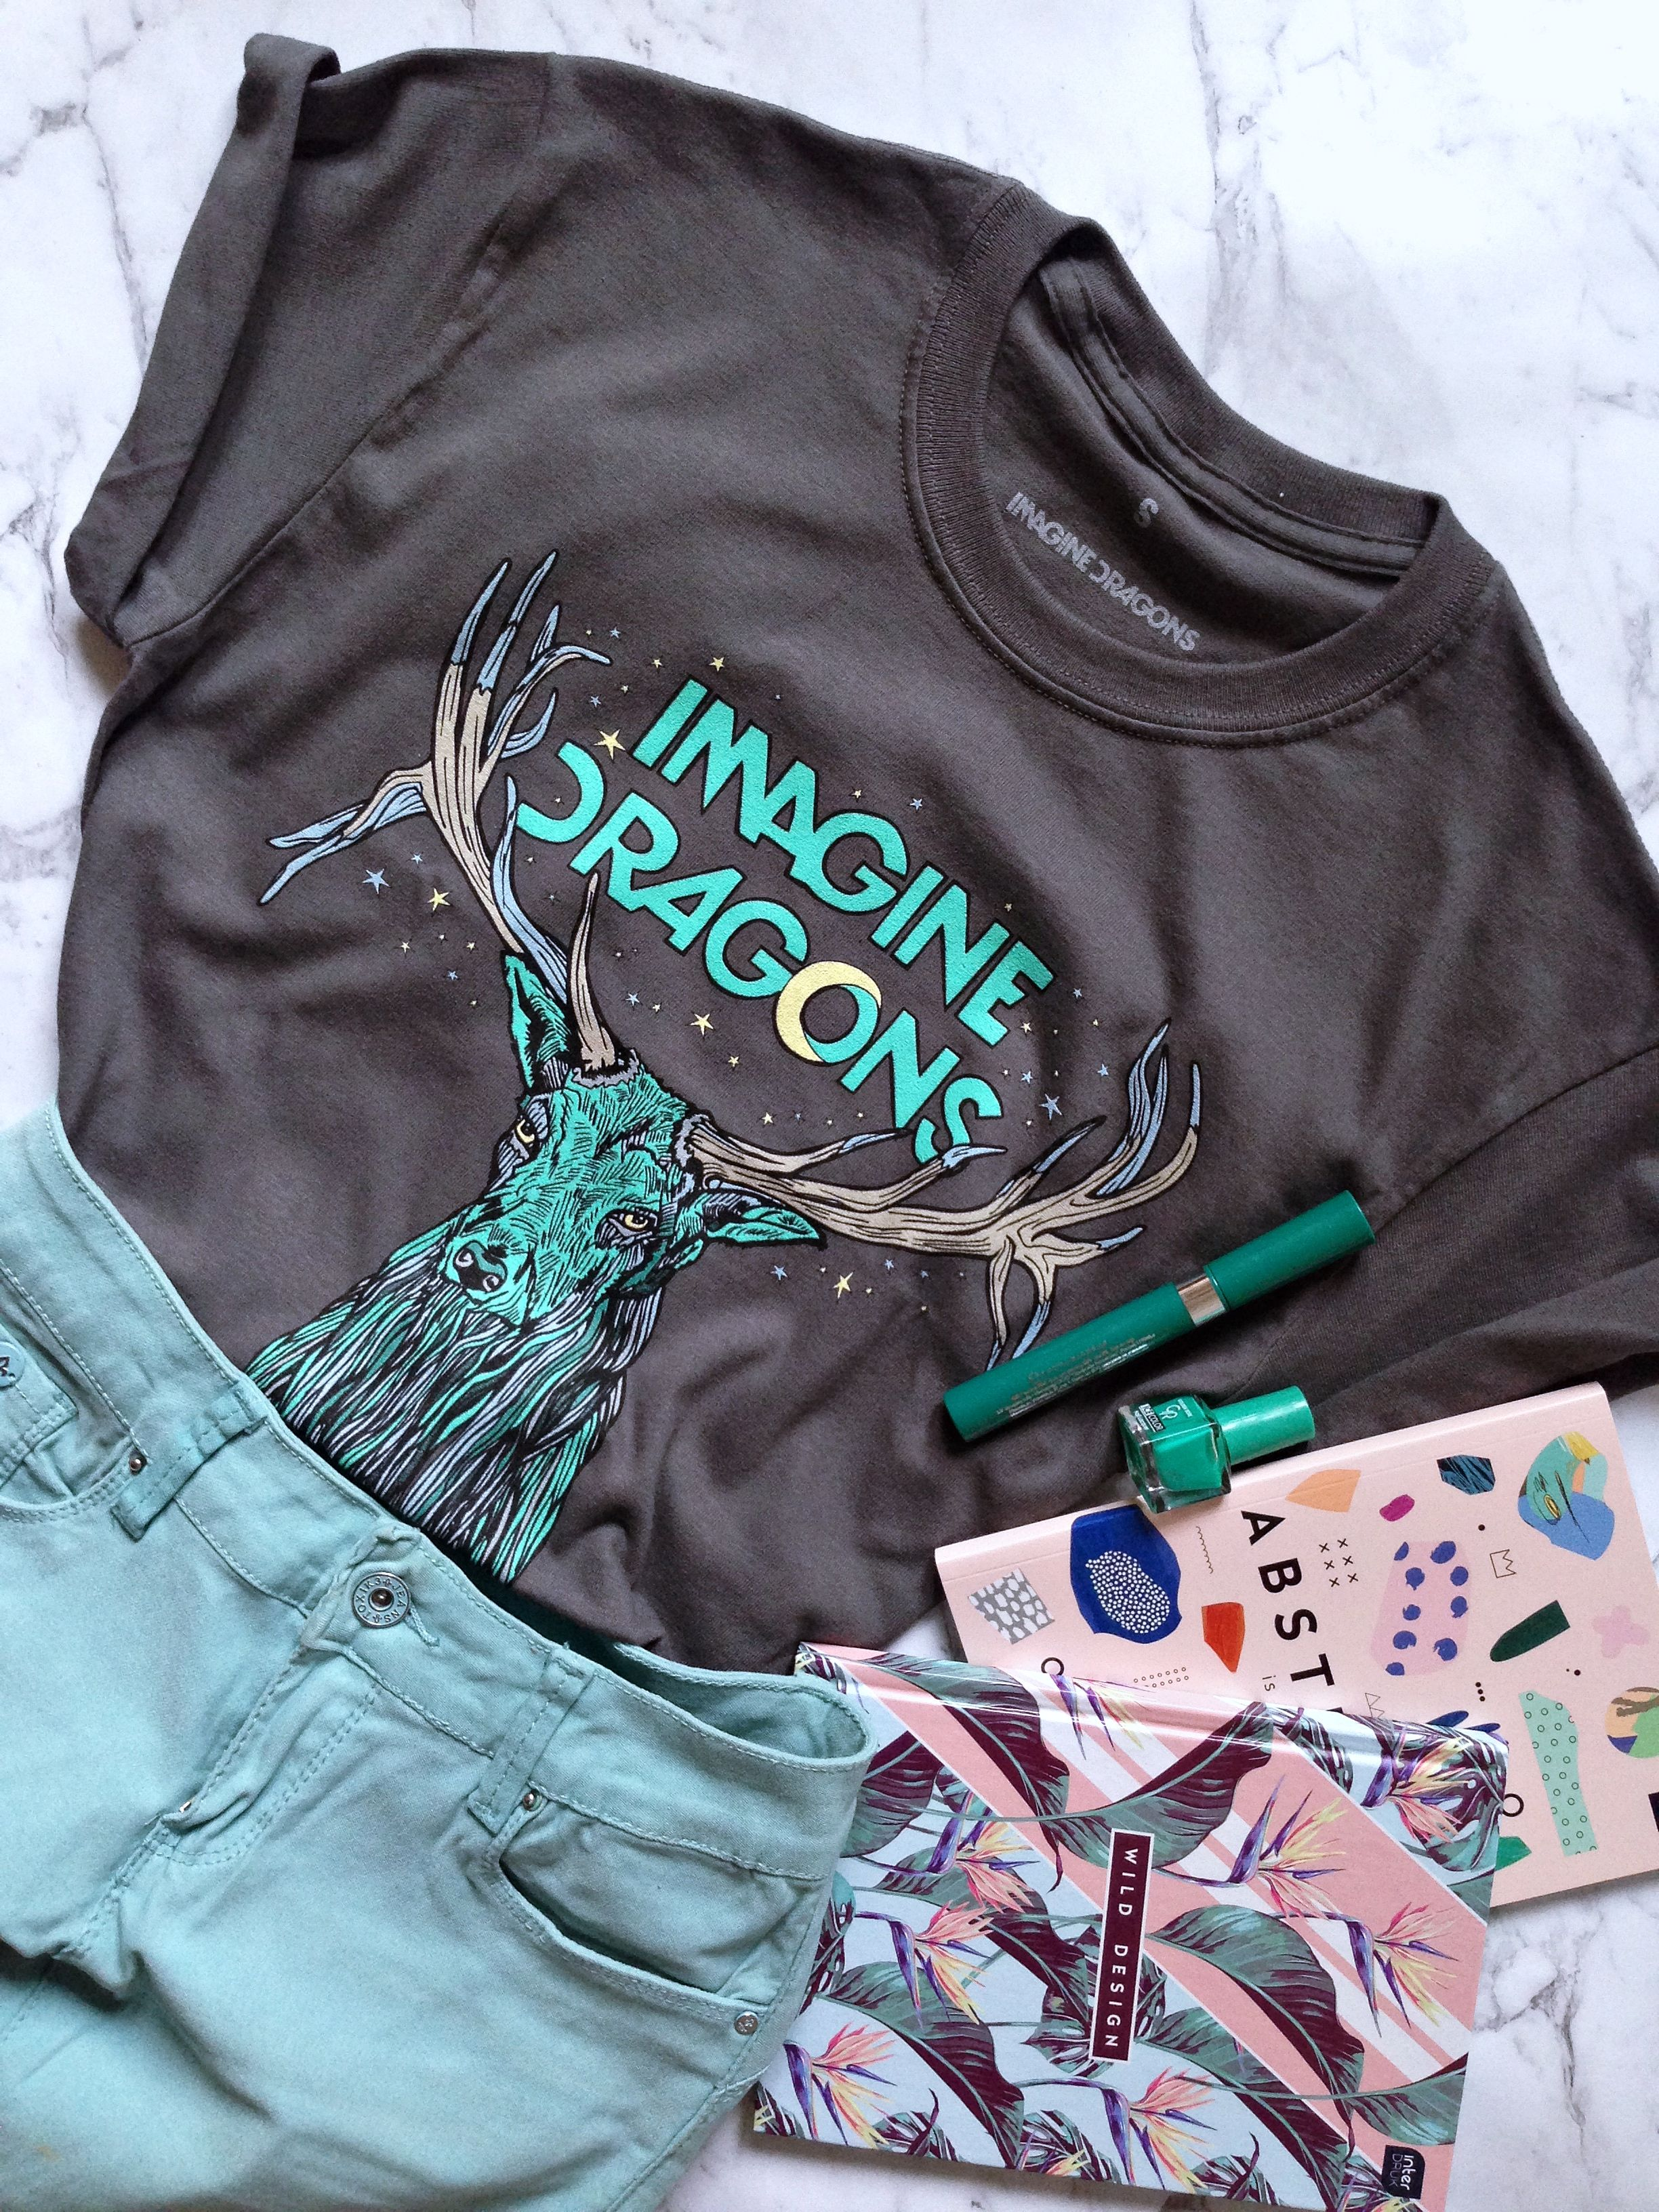 Koszulka Imagine Dragons Imagine Dragons Koszulki Moda